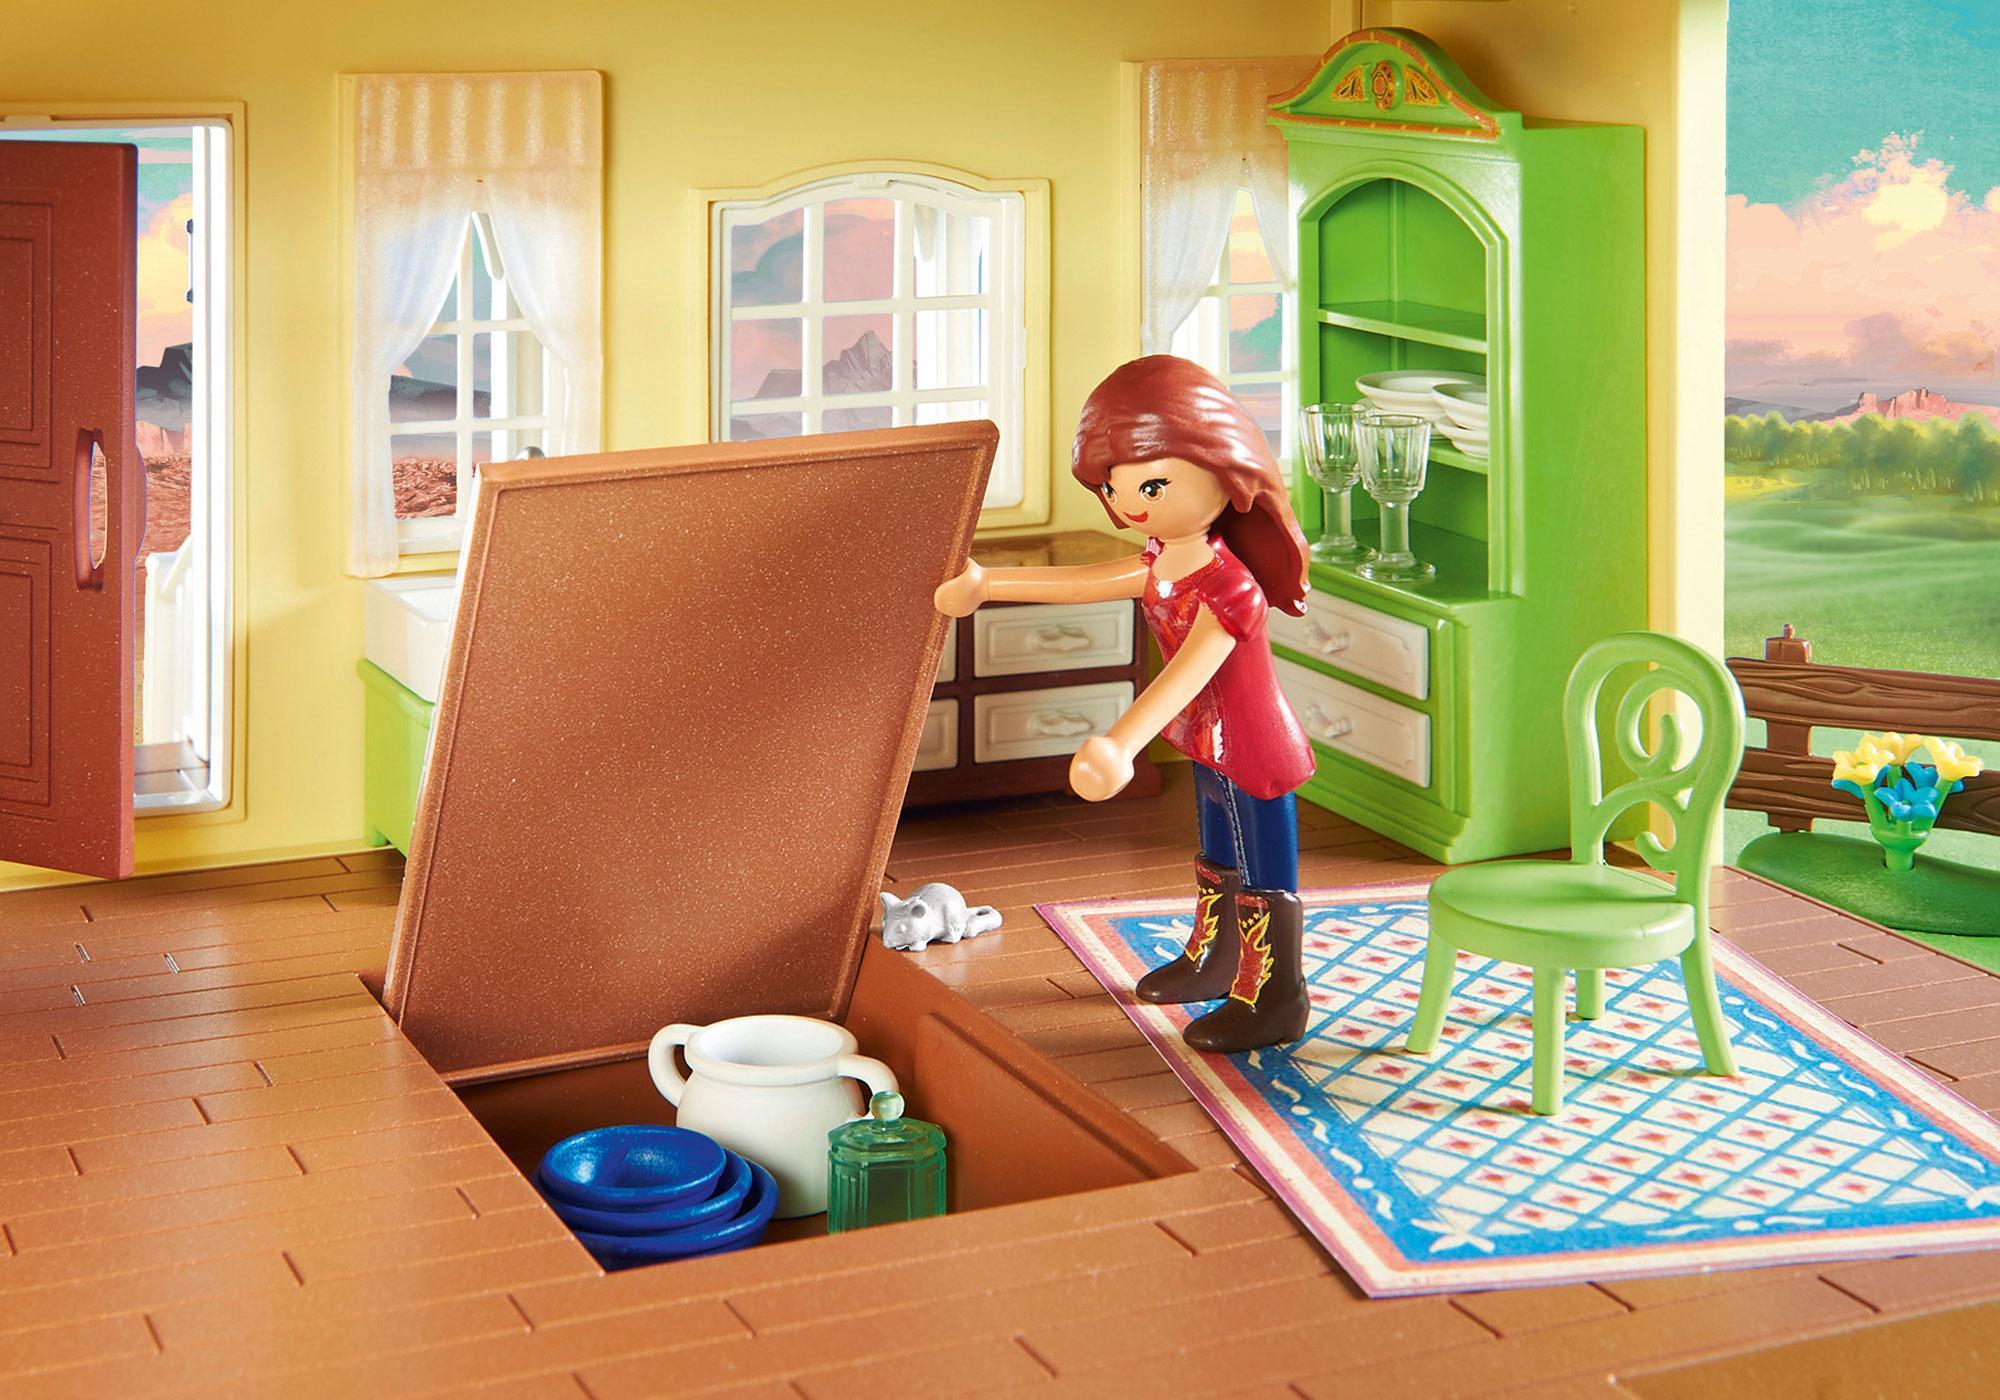 http://media.playmobil.com/i/playmobil/9475_product_extra2/Luckys lyckliga hem